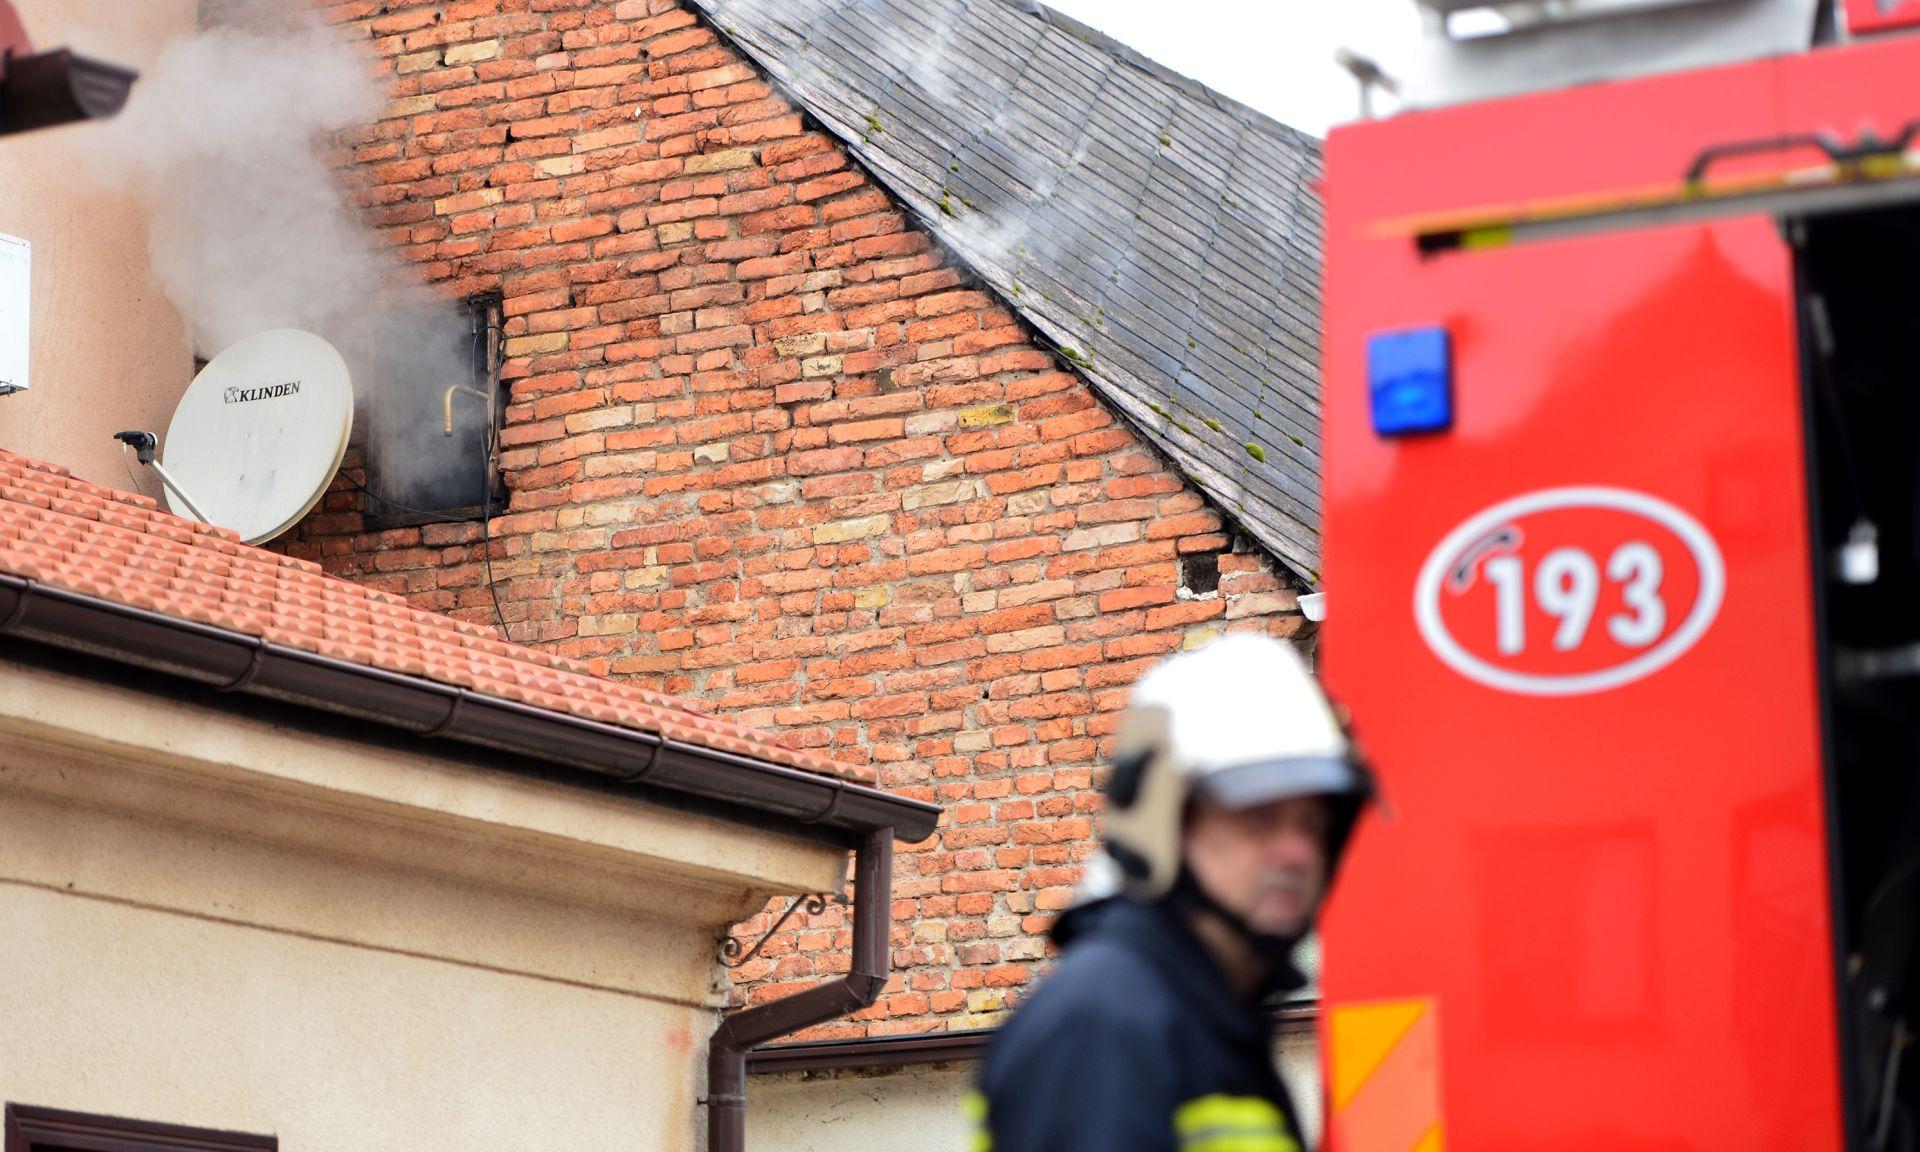 POŽAR U ROMSKOM NASELJU: Izgorjela kuća, jedna osoba ozlijeđena